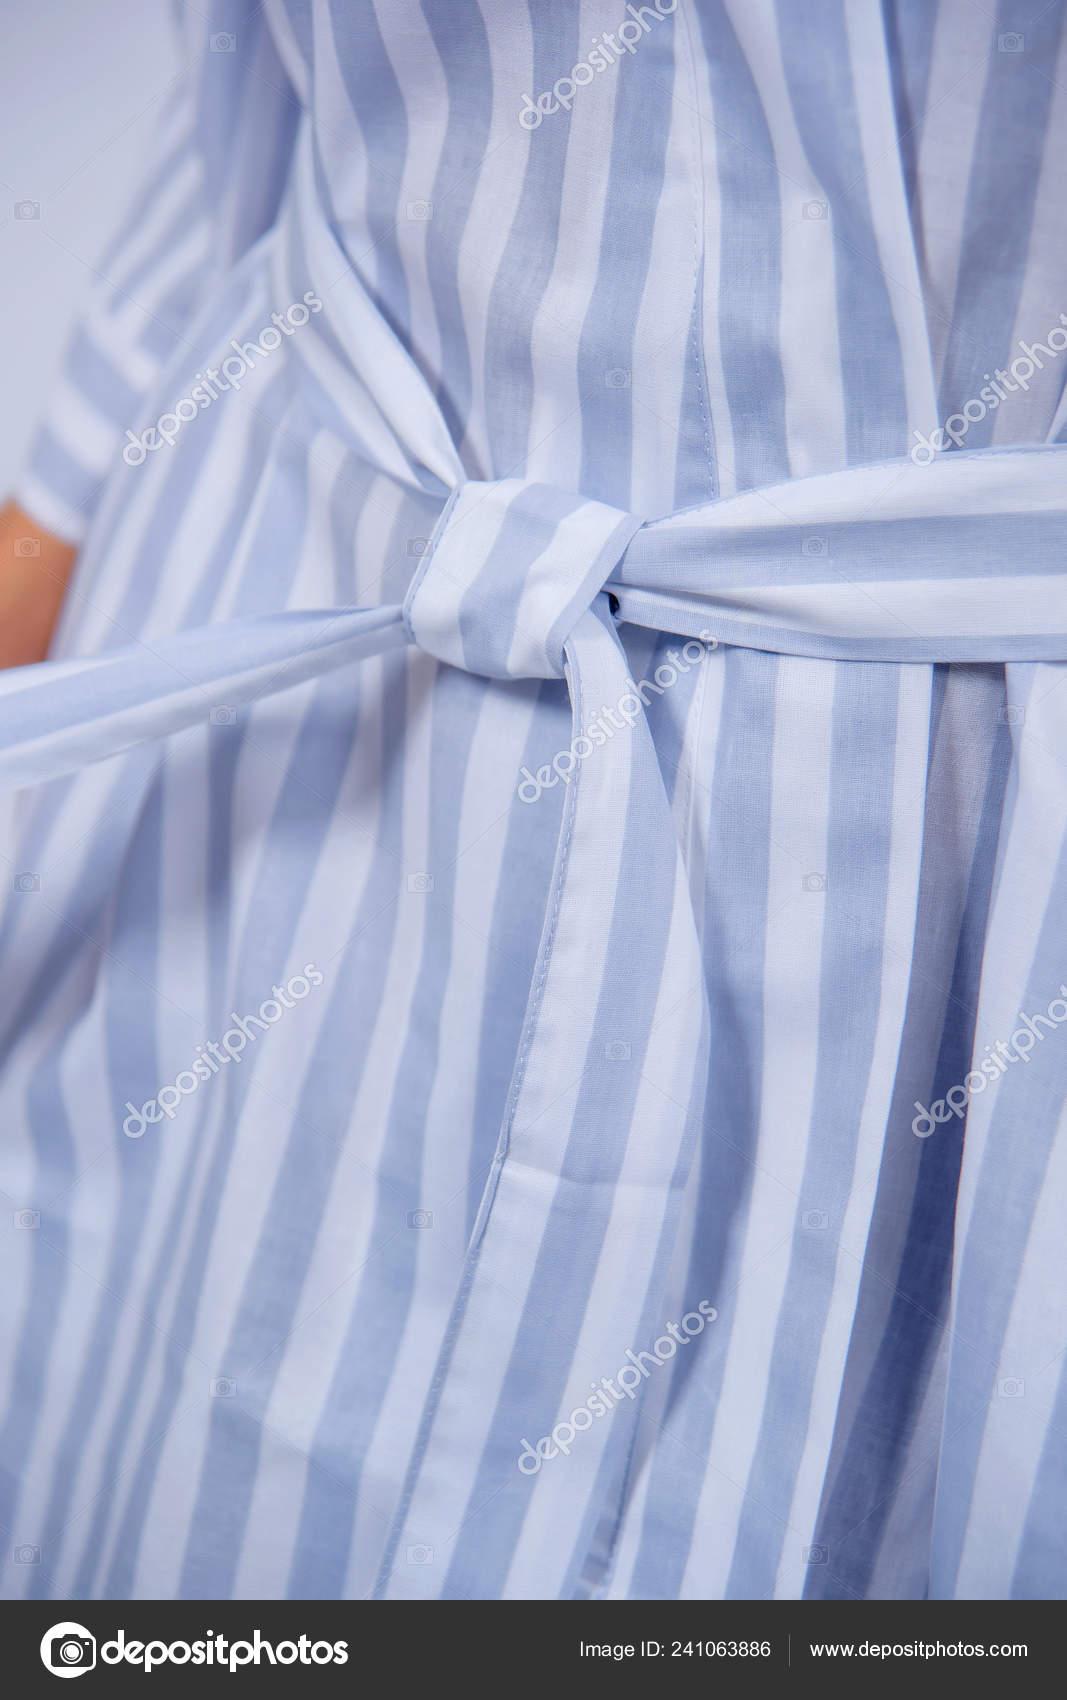 Cotton Bathrobe Textile Bathrobe Light Lilac Color White Stripes Texture Stock Photo C Kinderkz 241063886